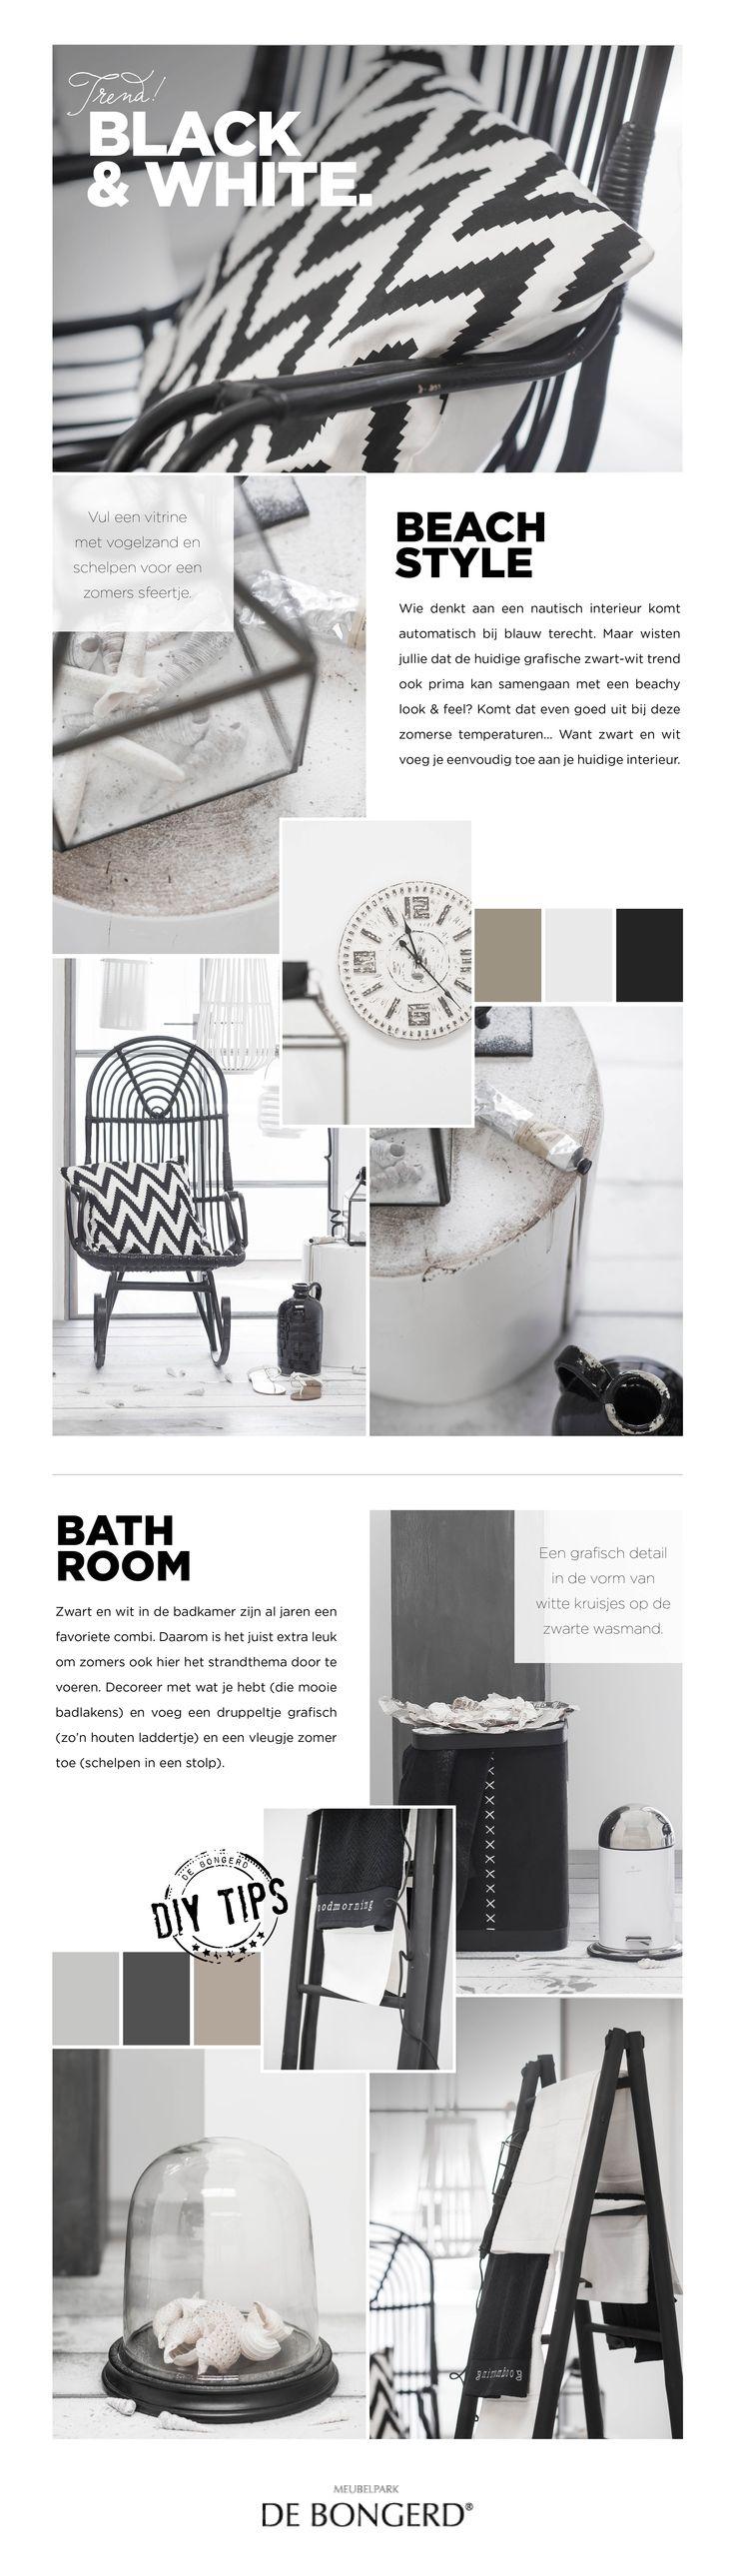 www.debongerd.nl Wie denkt aan een nautisch interieur komt automatisch bij blauw terecht. Maar wisten jullie dat de huidige grafische zwart-wit trend ook prima kan samengaan met een beachy look & feel? Komt dat even goed uit bij deze zomerse temperaturen… Want zwart en wit voeg je eenvoudig toe aan je huidige interieur. http://www.debongerd.nl/style/week-30-the-black-white-issue/S86